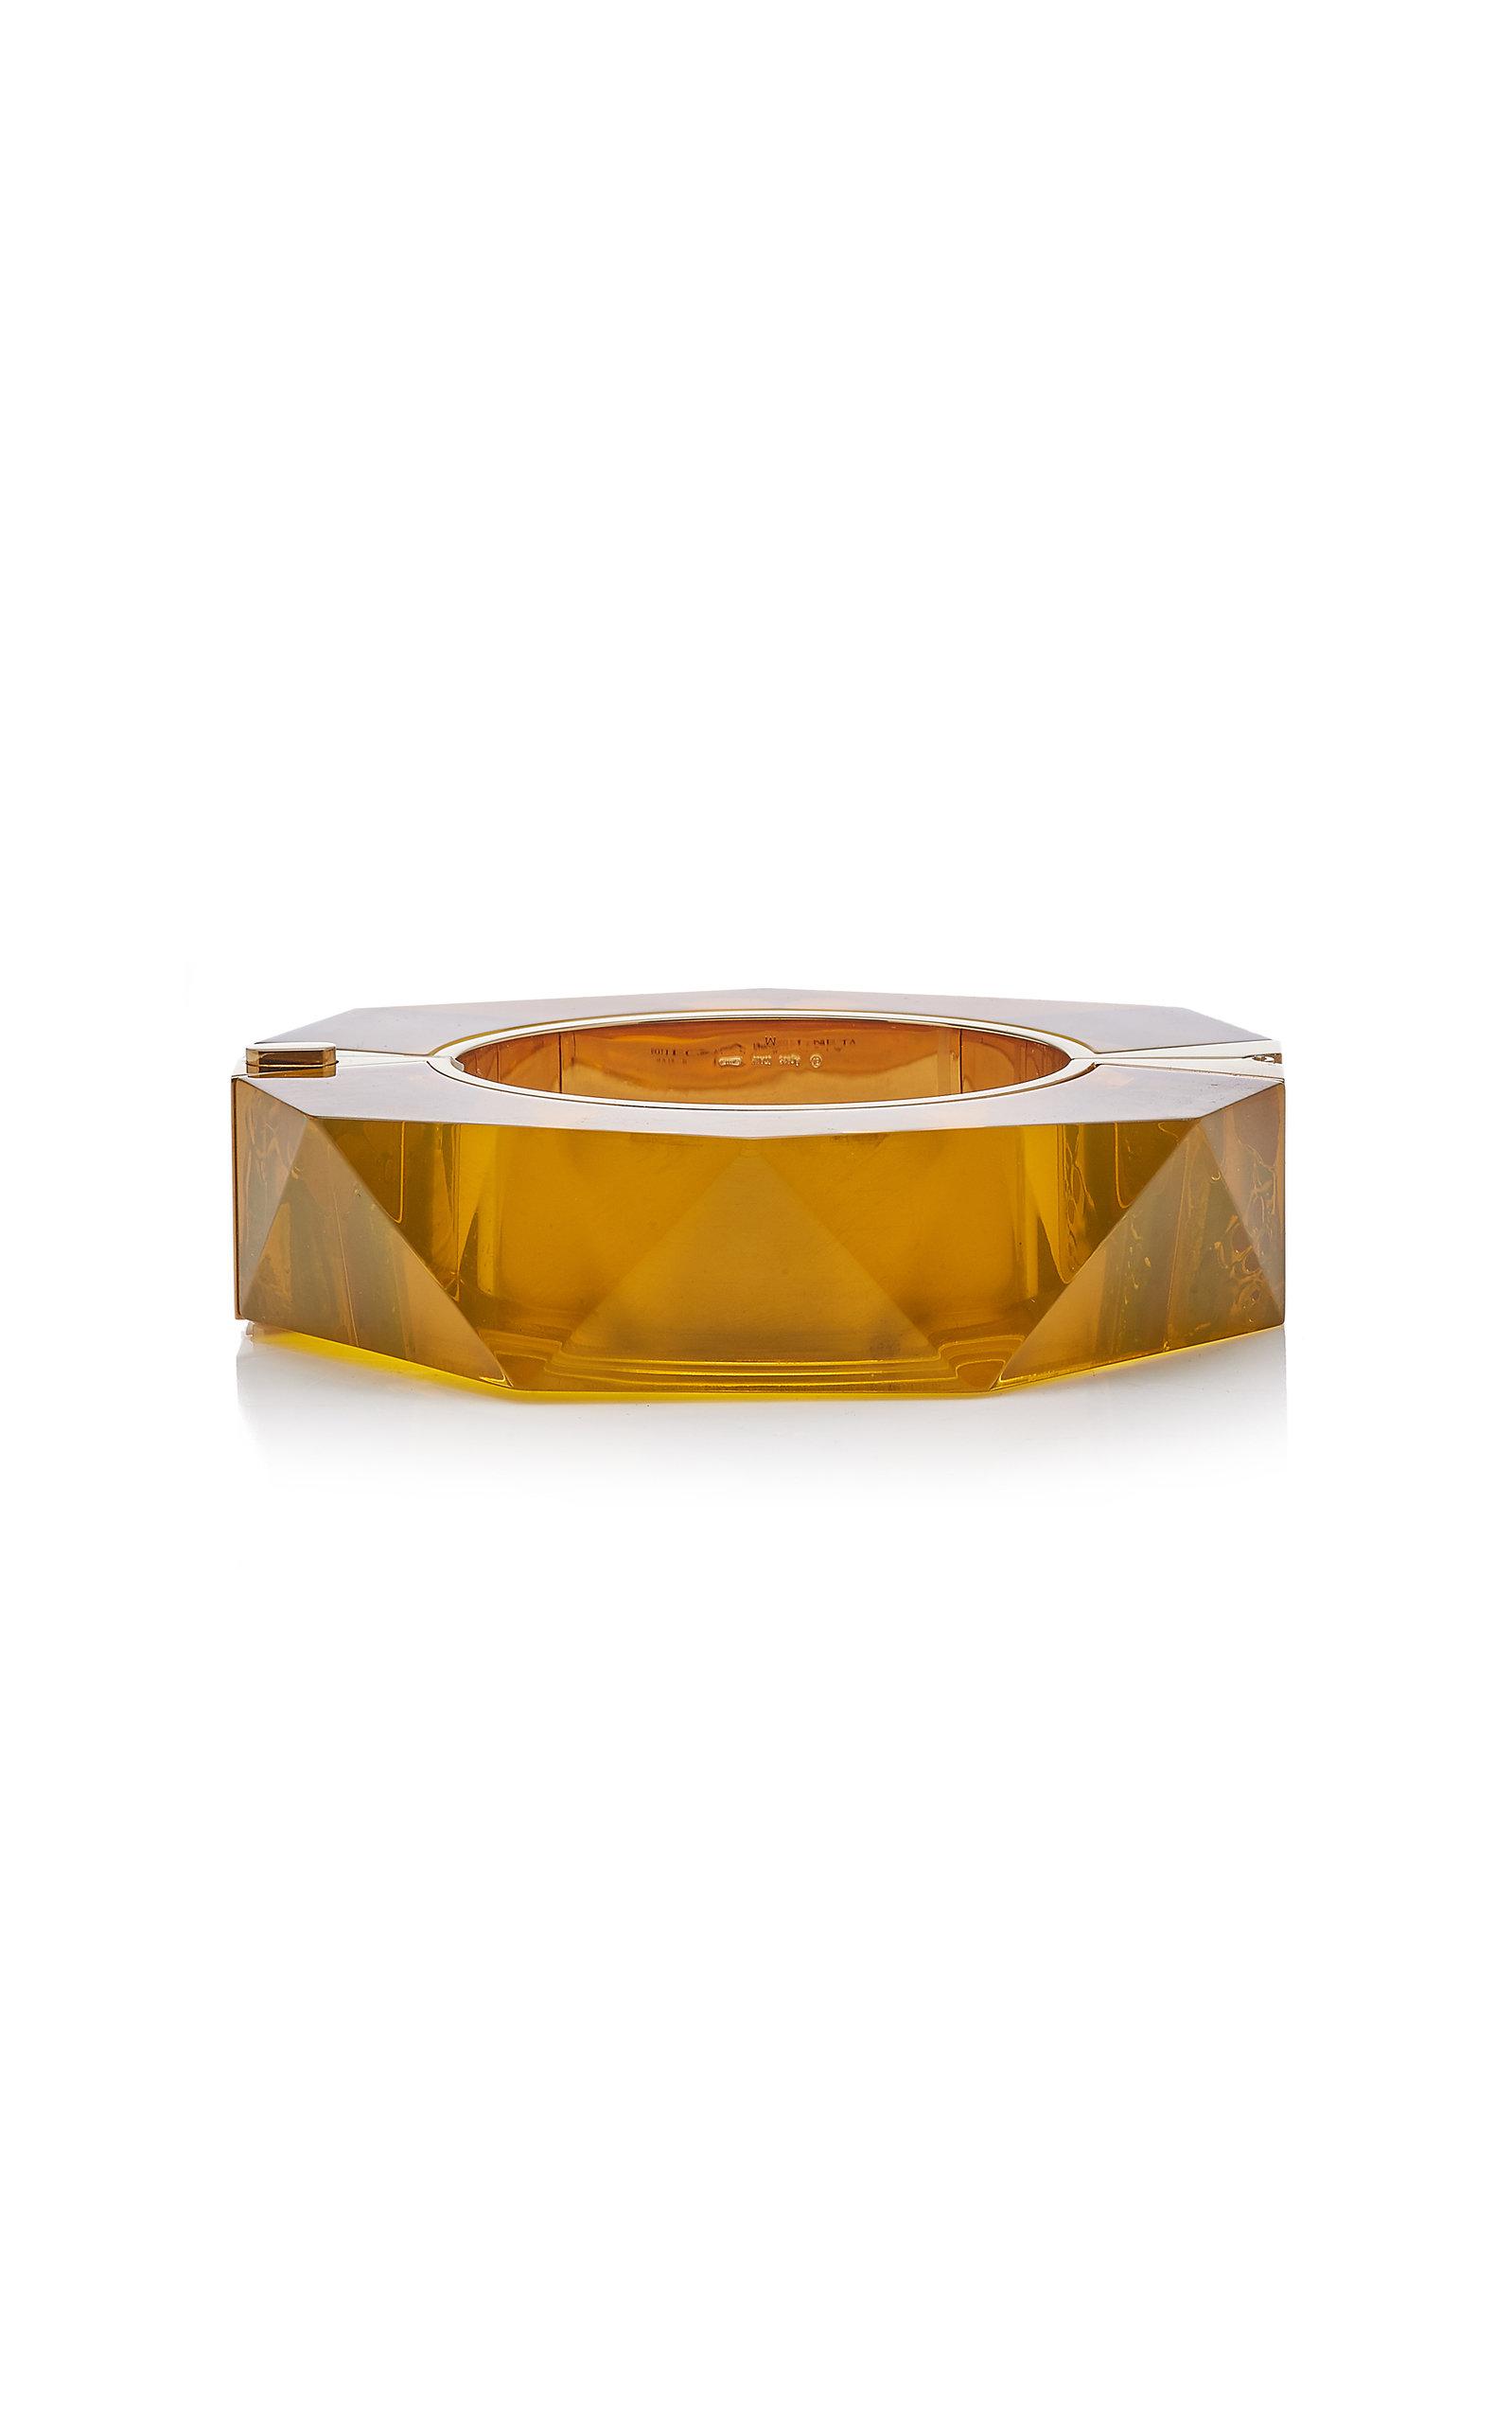 BOTTEGA VENETA FACETED RESIN 18K GOLD-PLATED BRACELET